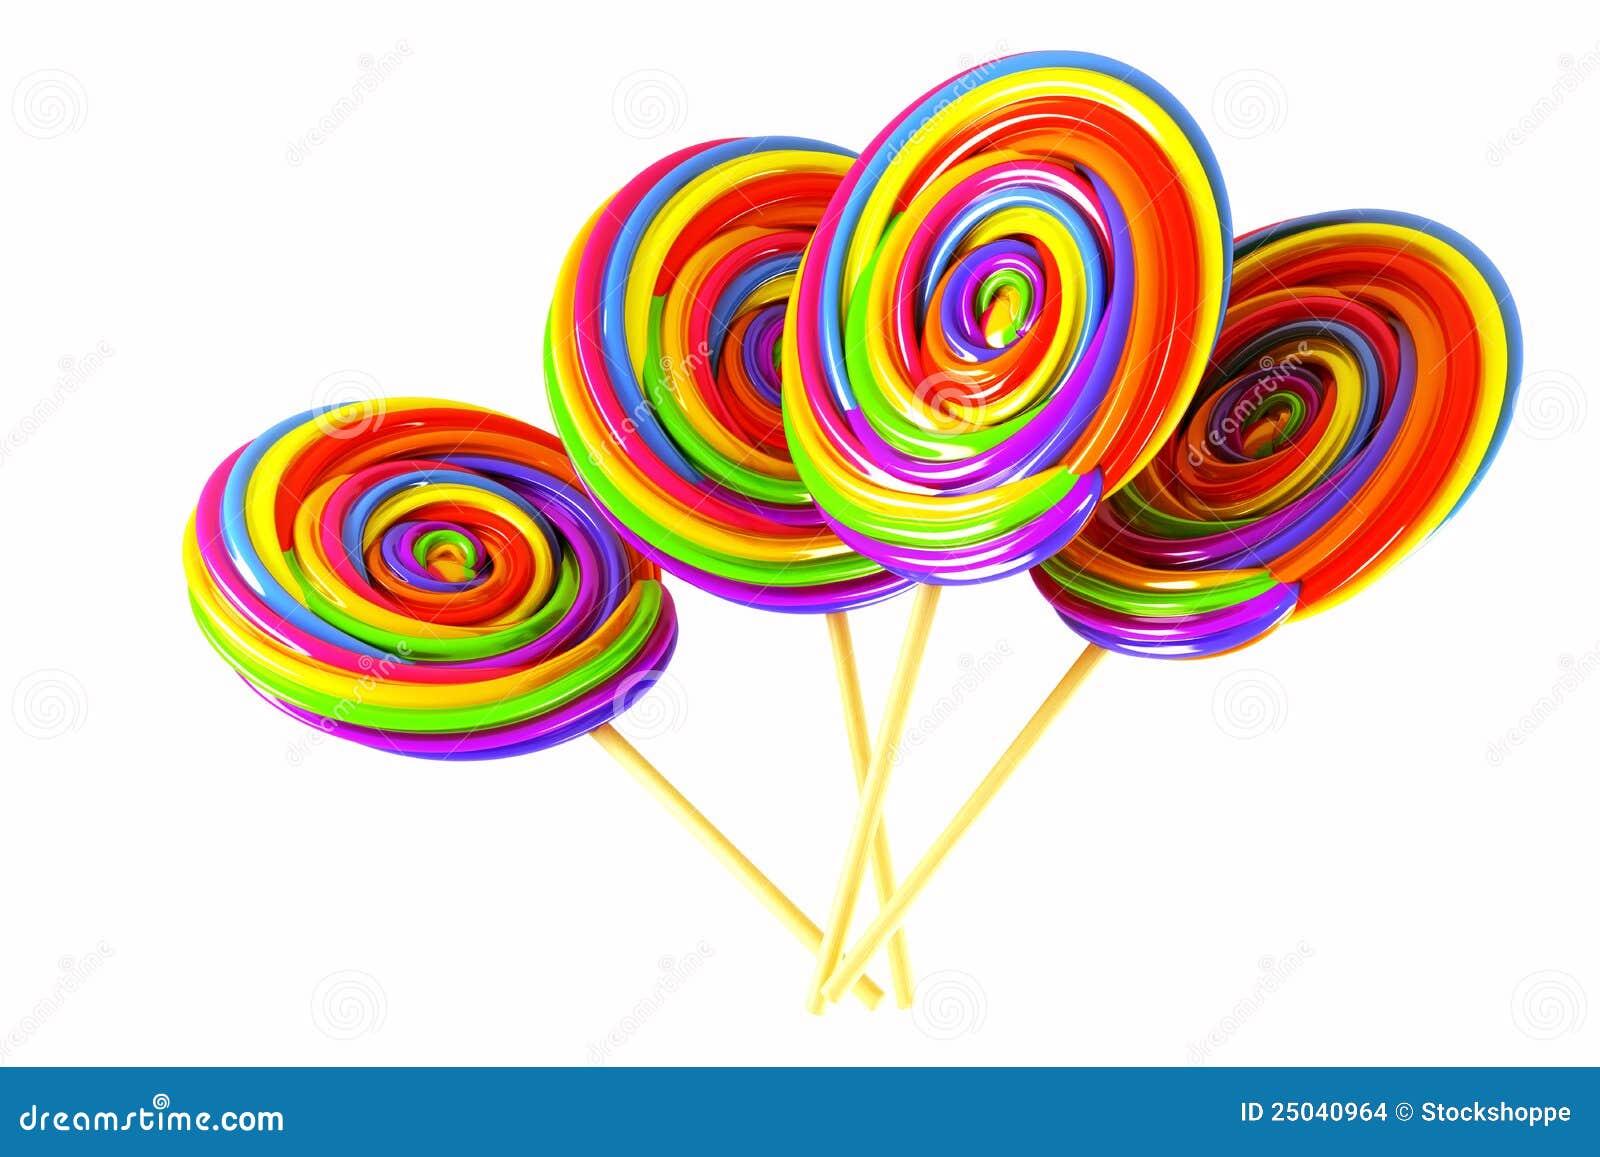 sucette colore de sucrerie - Sucette Colore